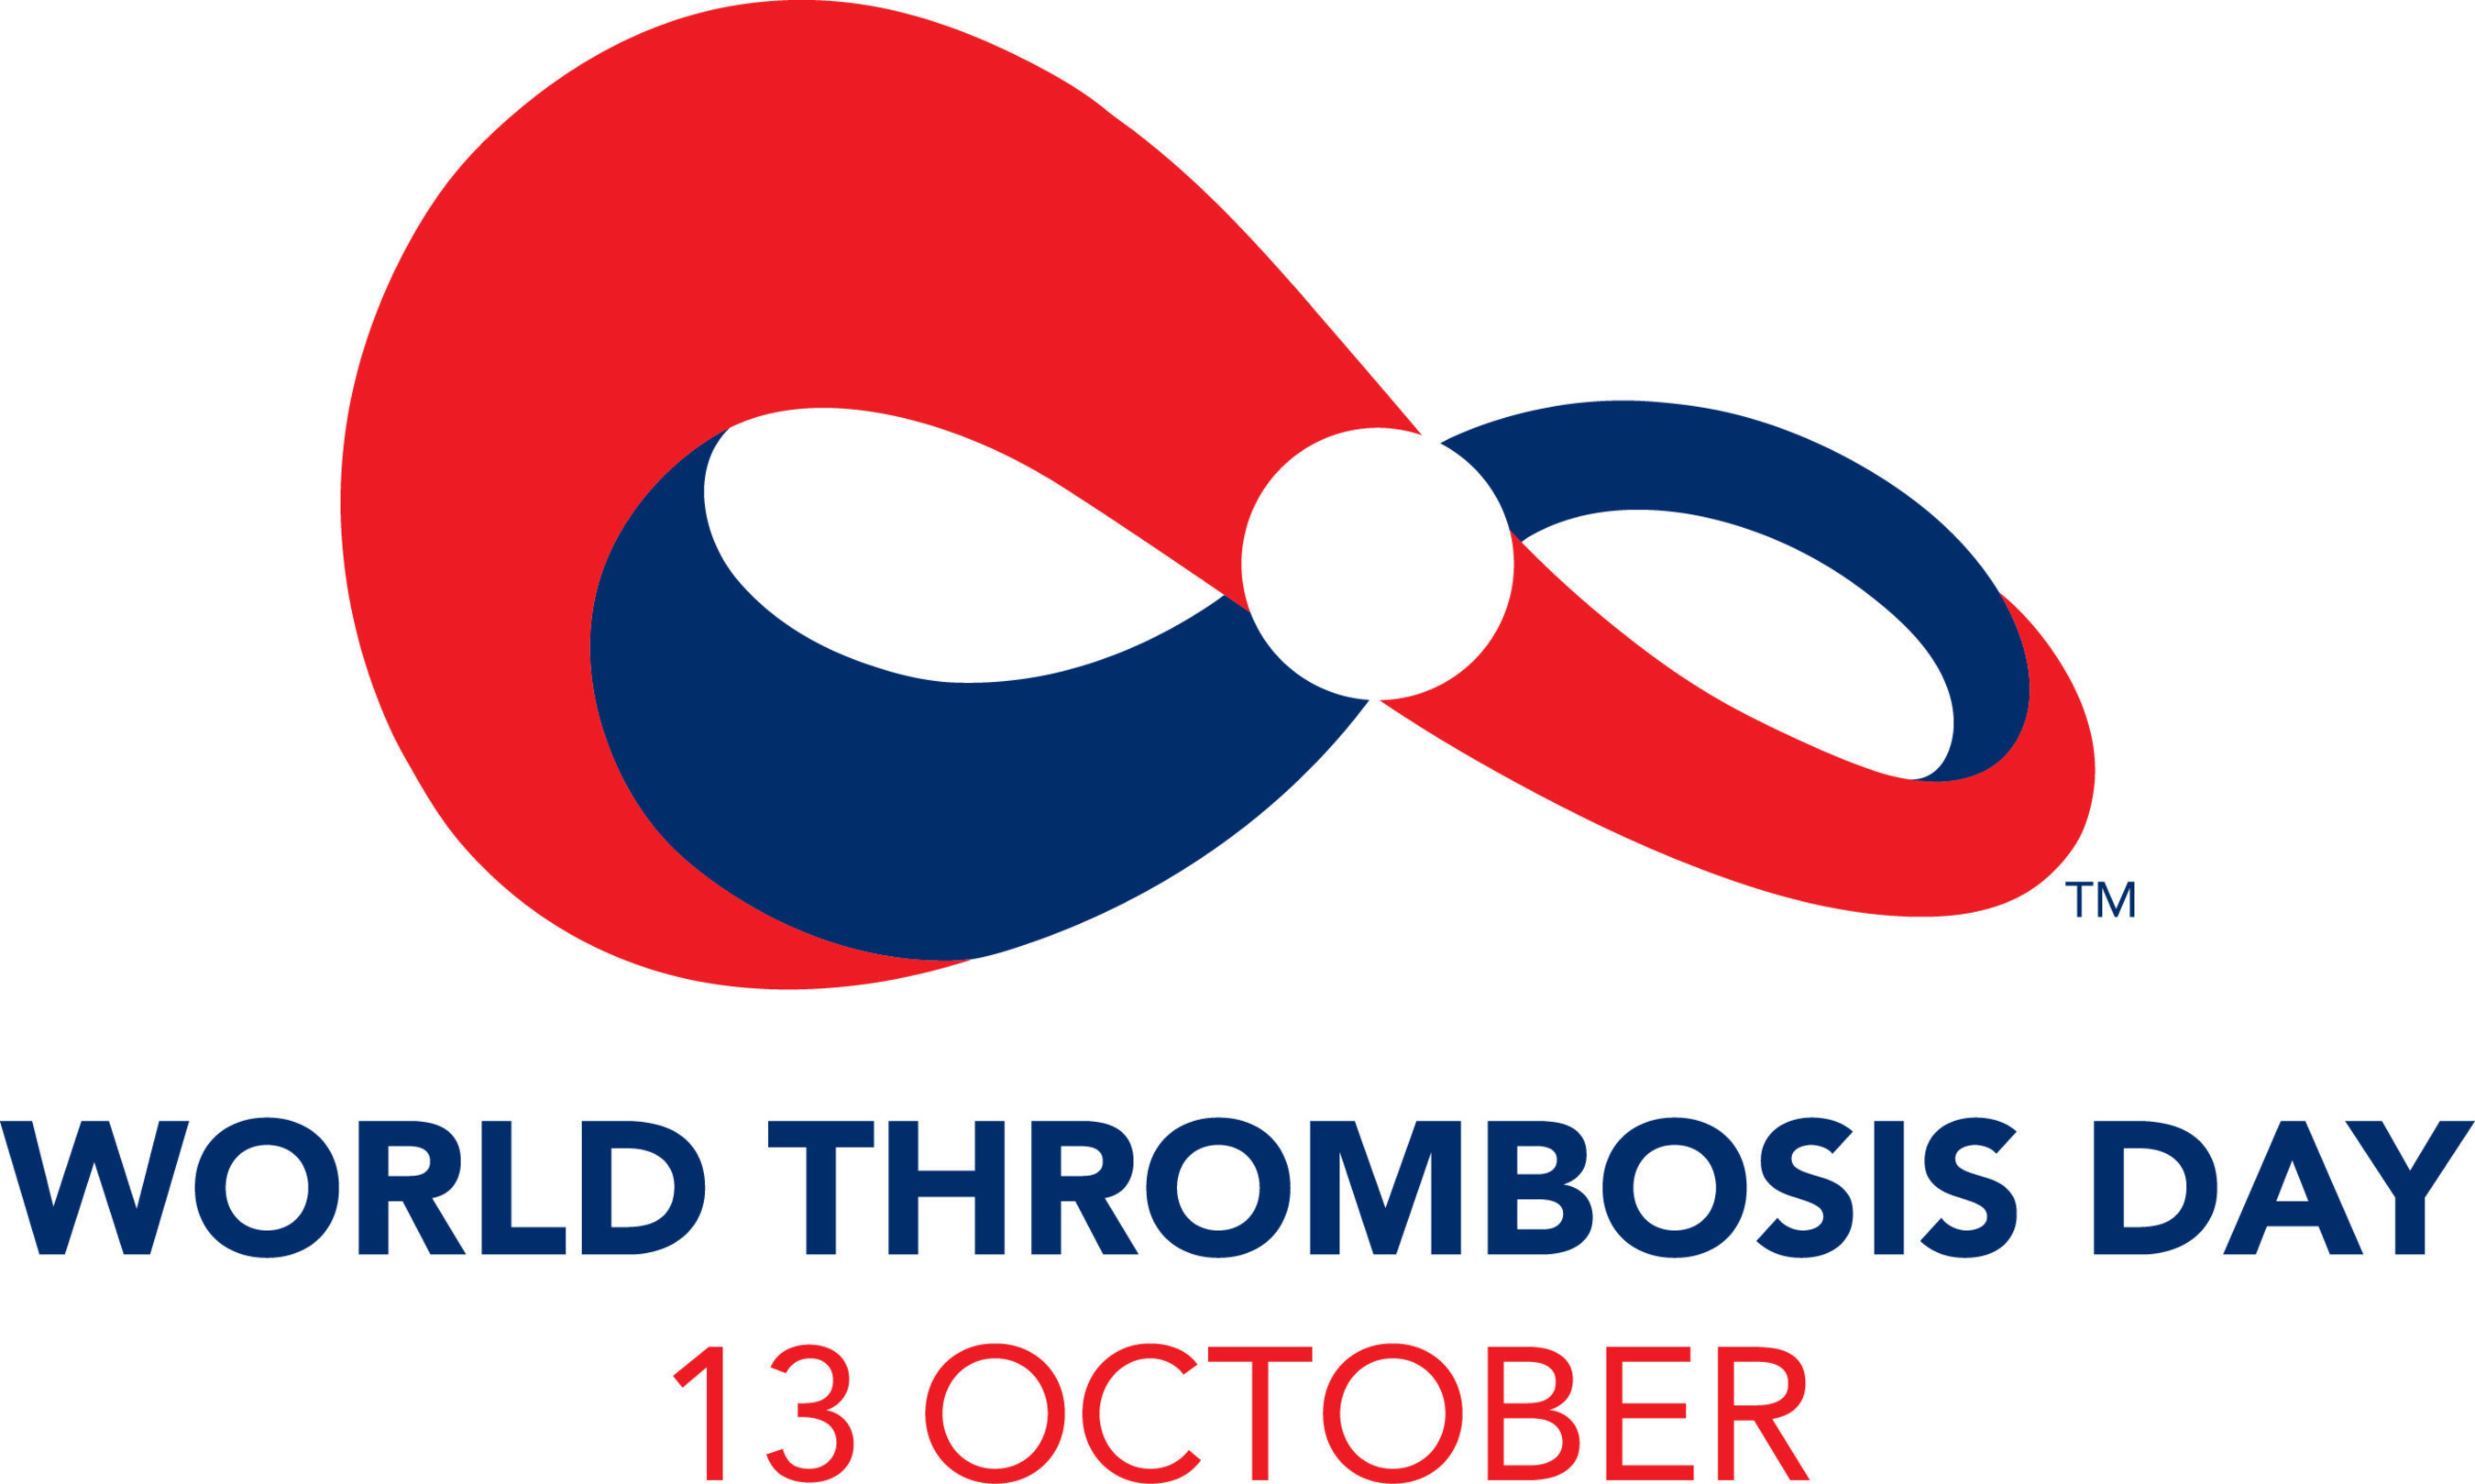 Día mundial de la trombosis: Llamamiento mundial para evaluación del riesgo de coagulación